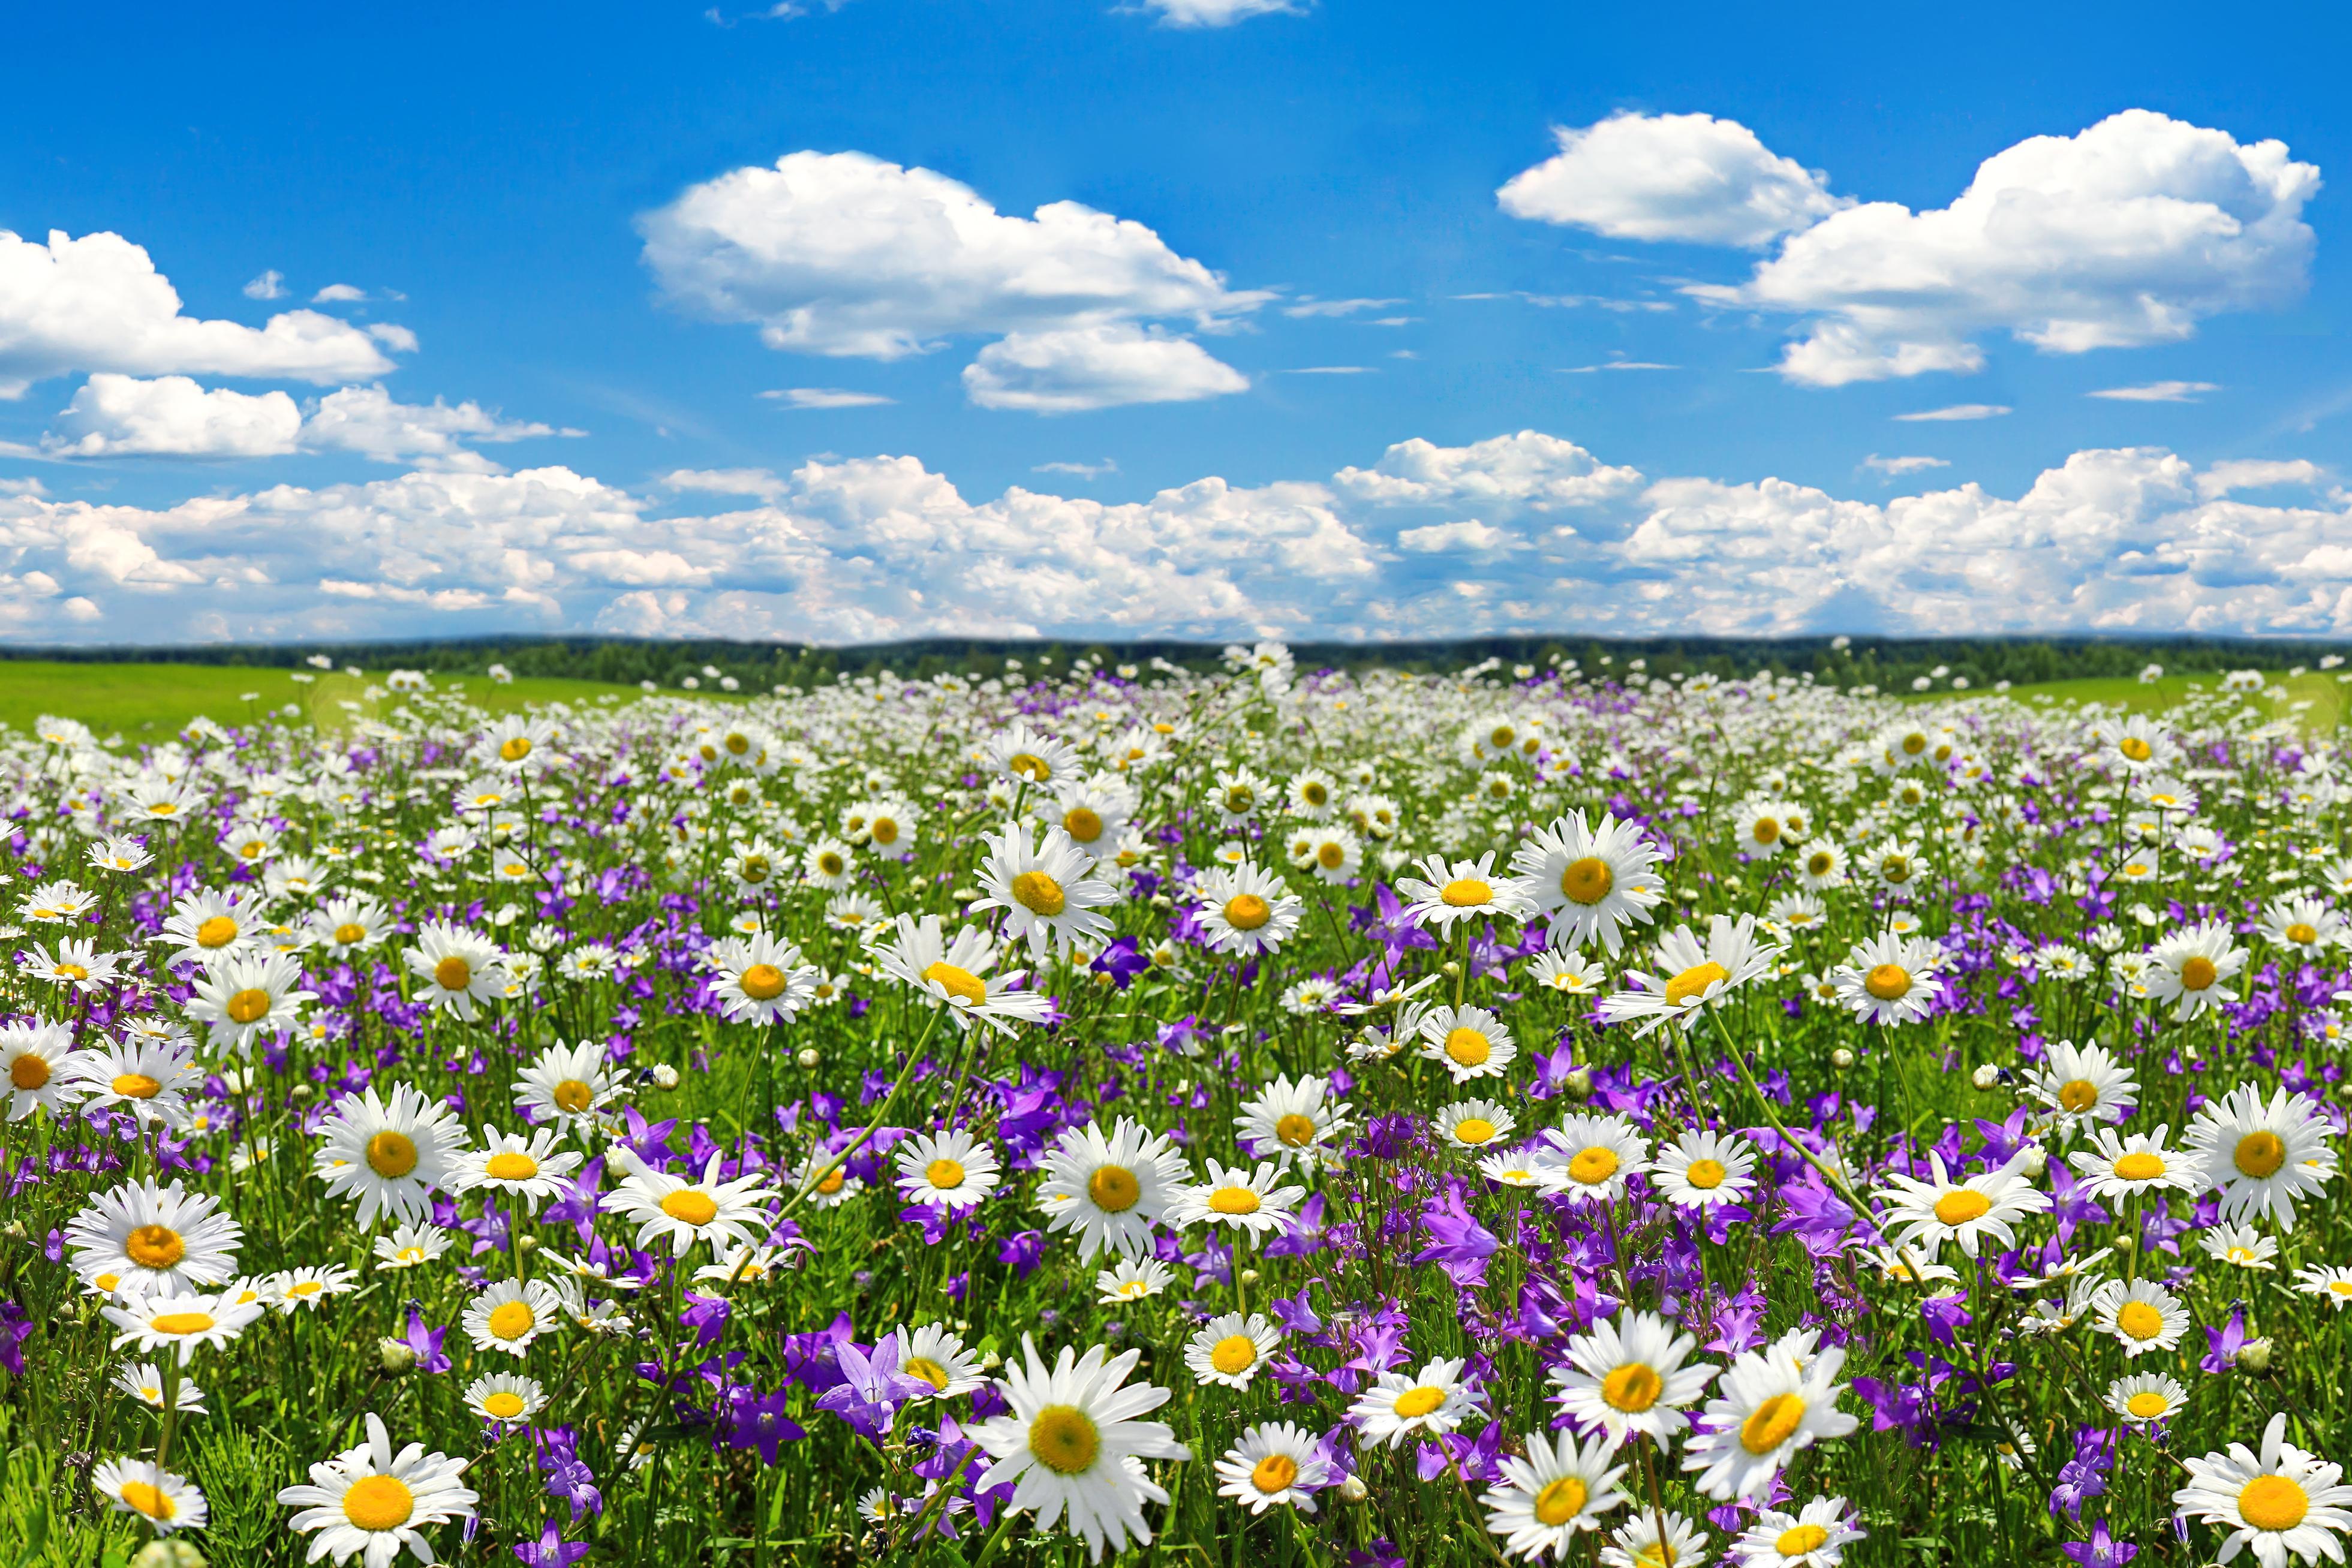 wilde bloemen voor de bijen, hommels en vlinders